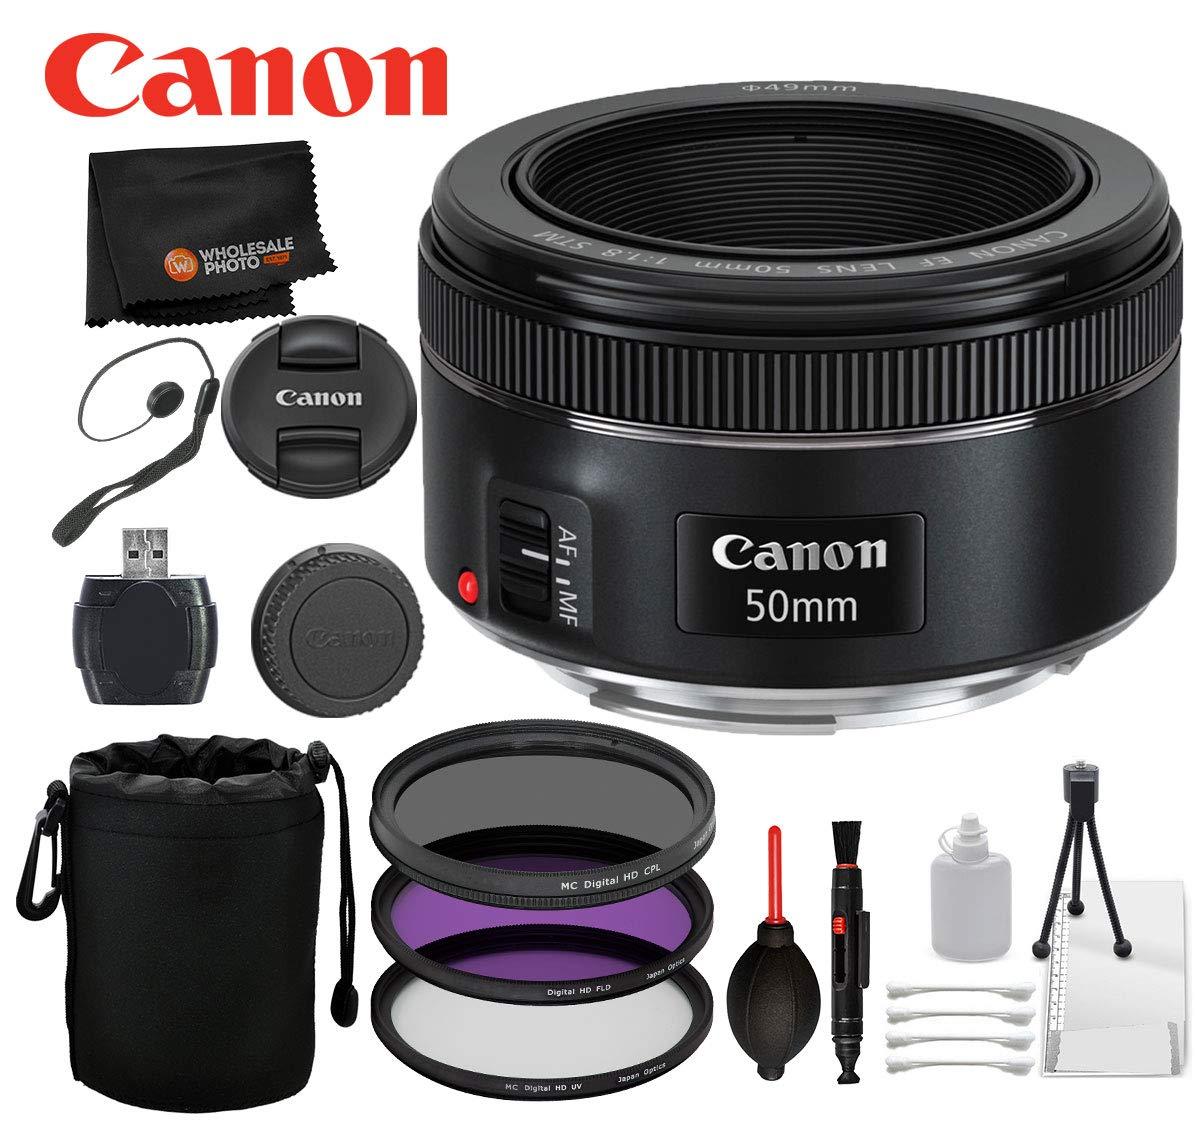 Canon EF 50mm f/1.8 STM Lens w